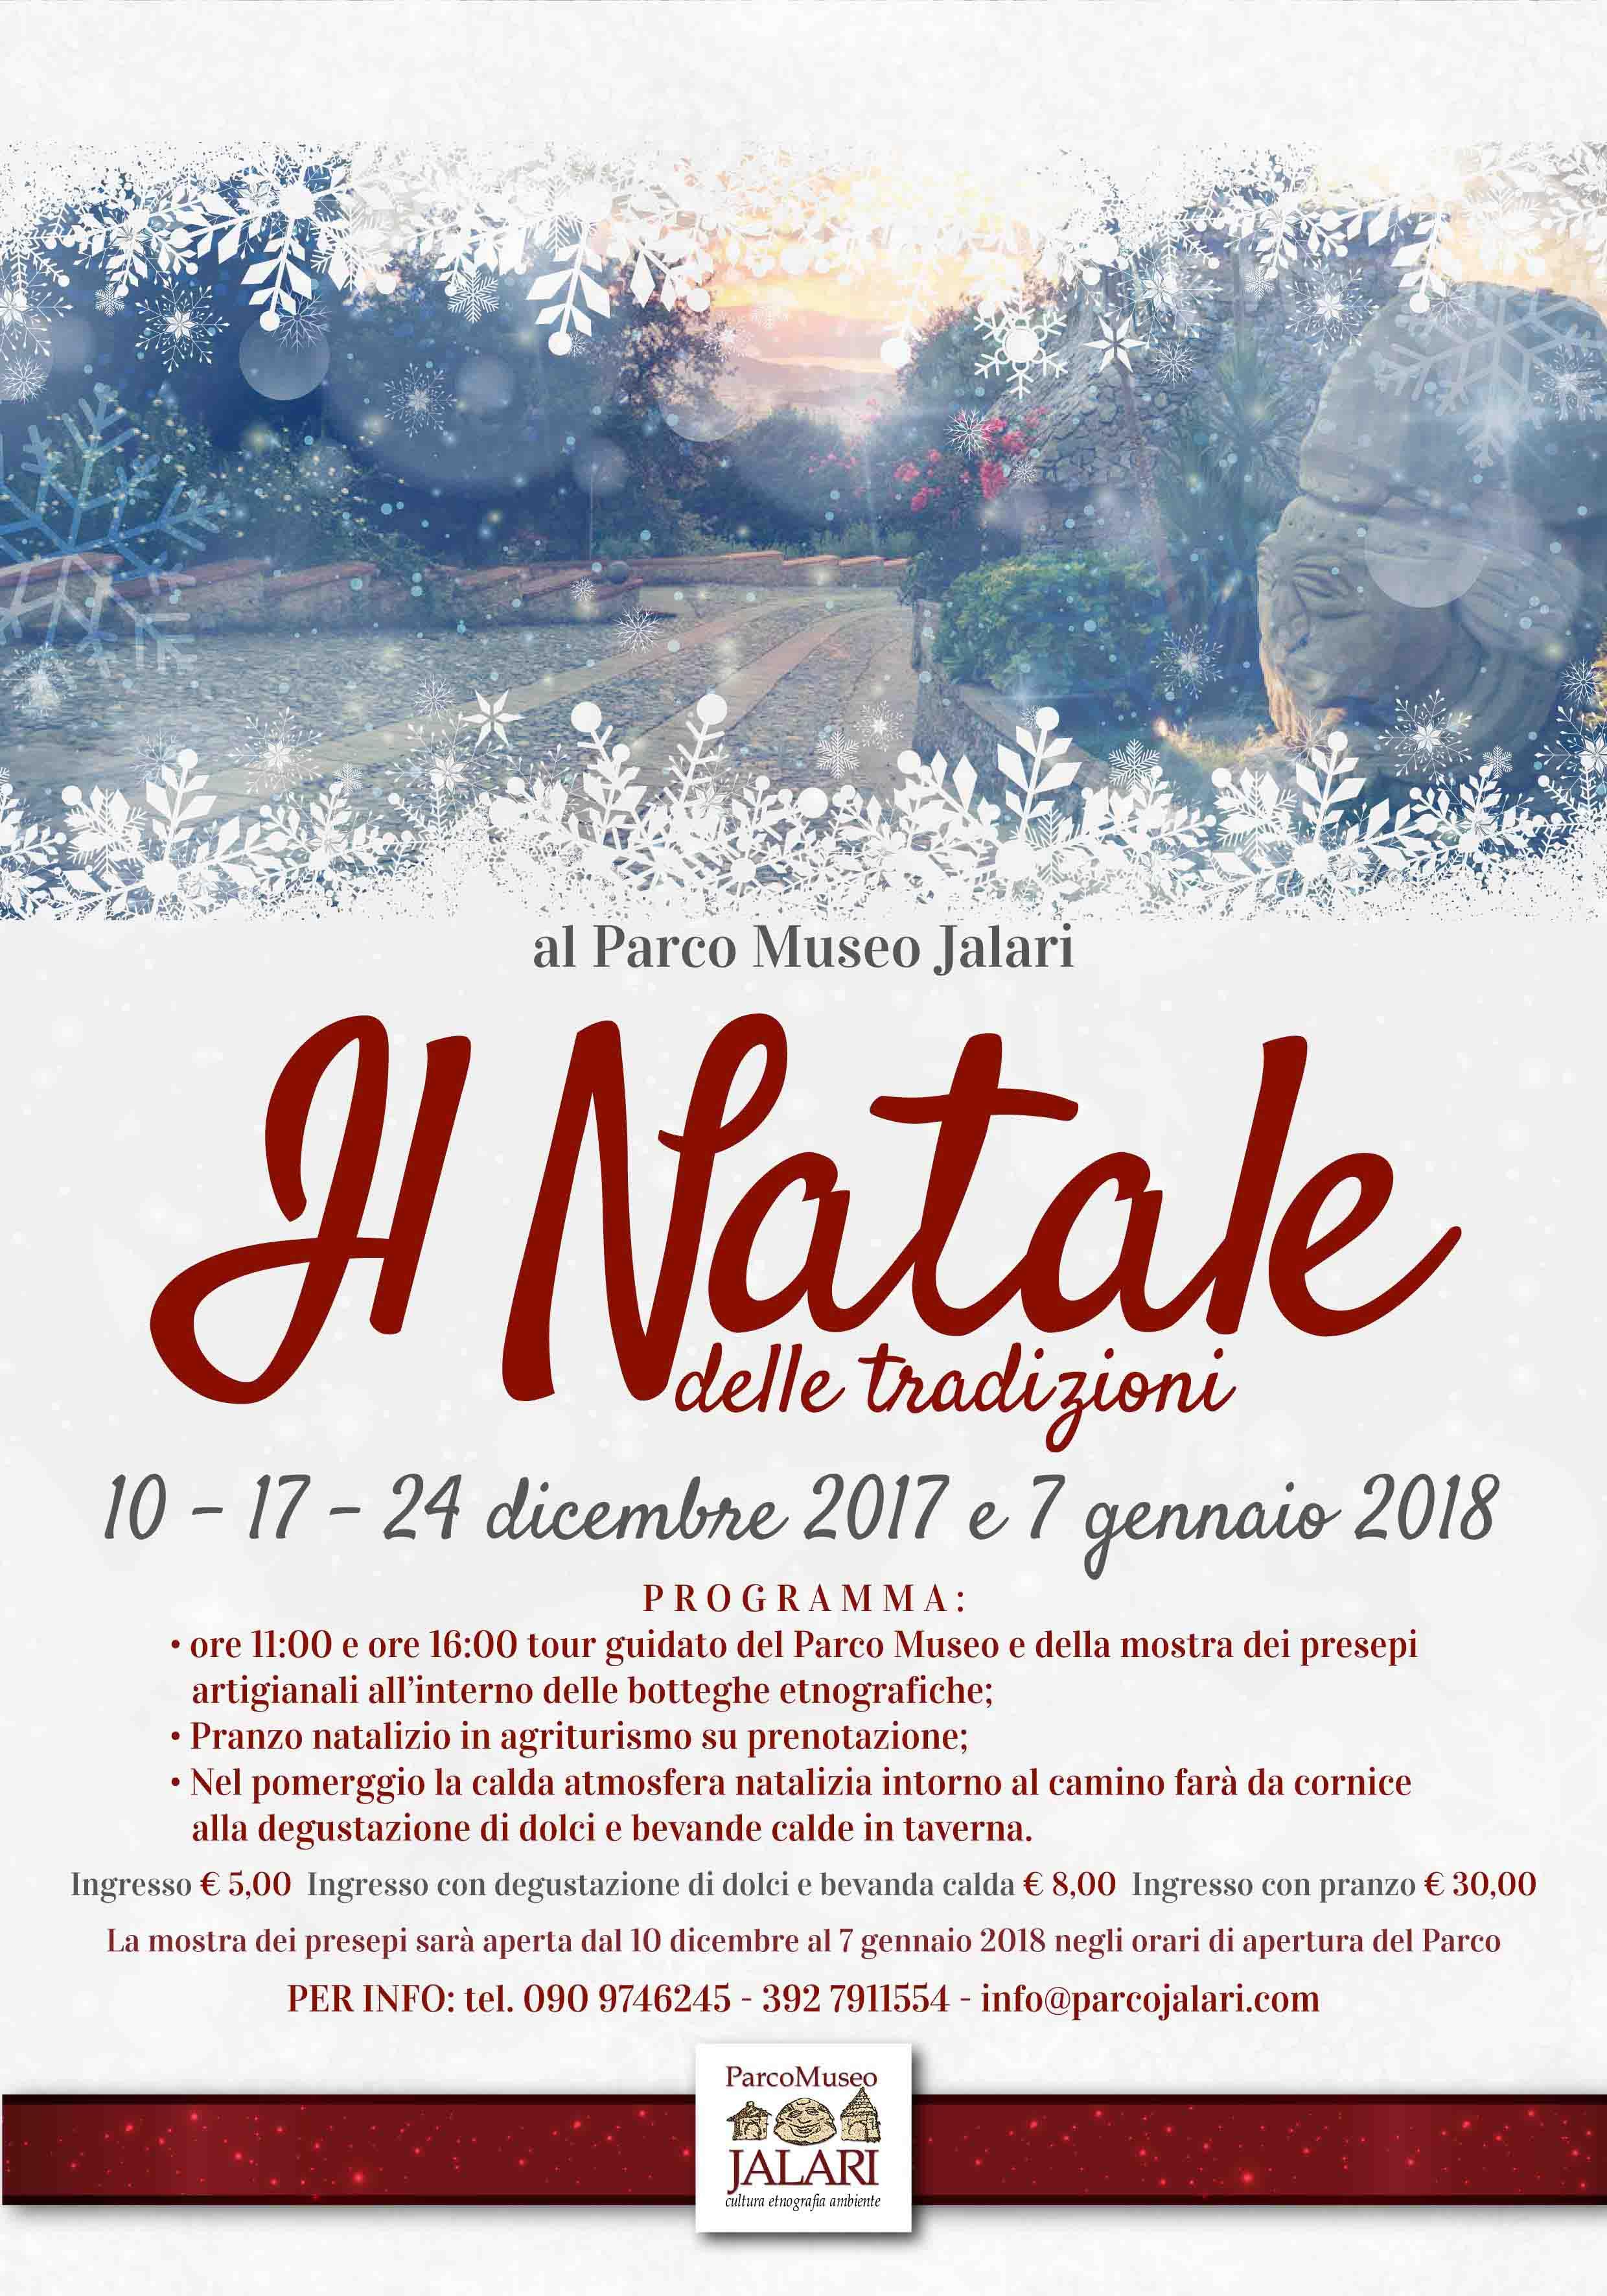 I Mostra Presepi Artigianali al Parco Museo Jalari - Barcellona Pozzo di Gotto, ME